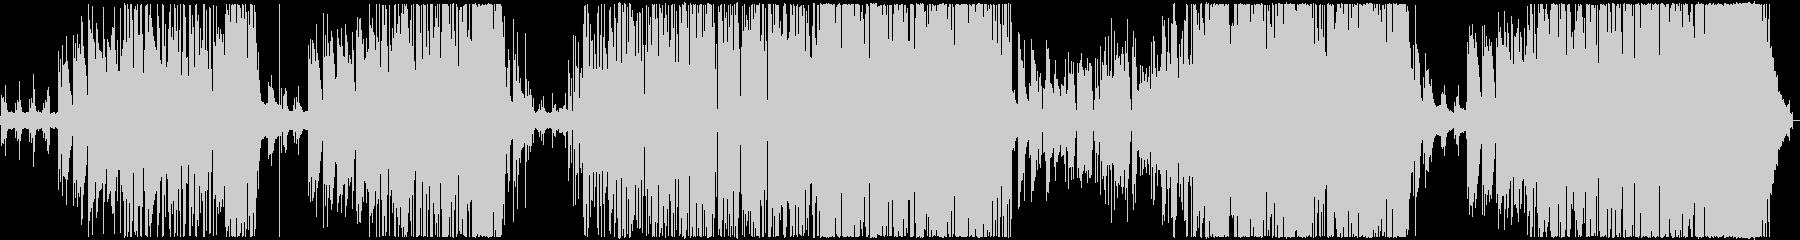 3回のジャズスタンダード。ソロピア...の未再生の波形